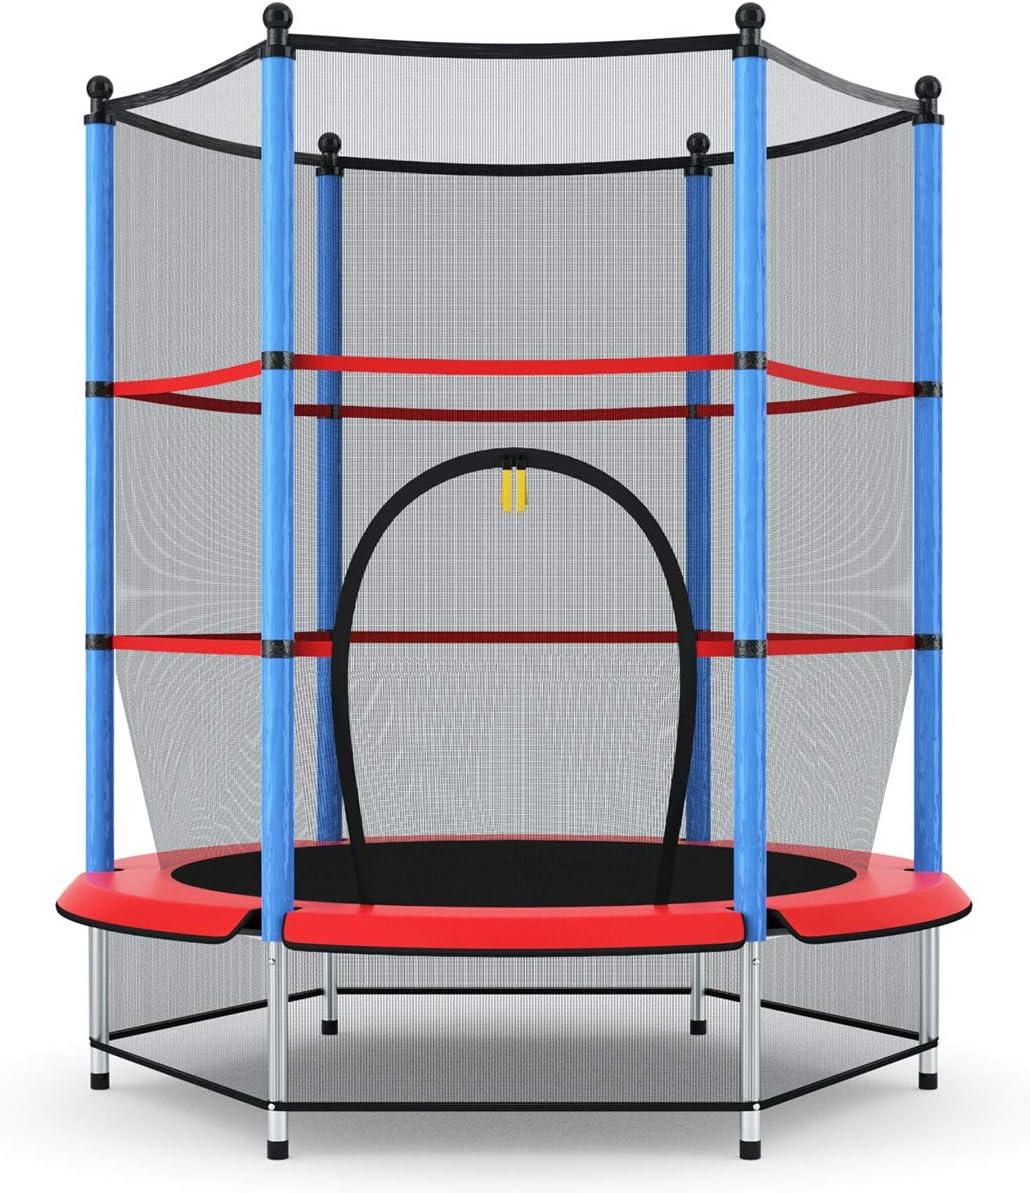 COSTWAY Cama Elástica Infantil Trampolín Jardín 140cm con Red de Seguridad Peso Carga Máximo 50 KG